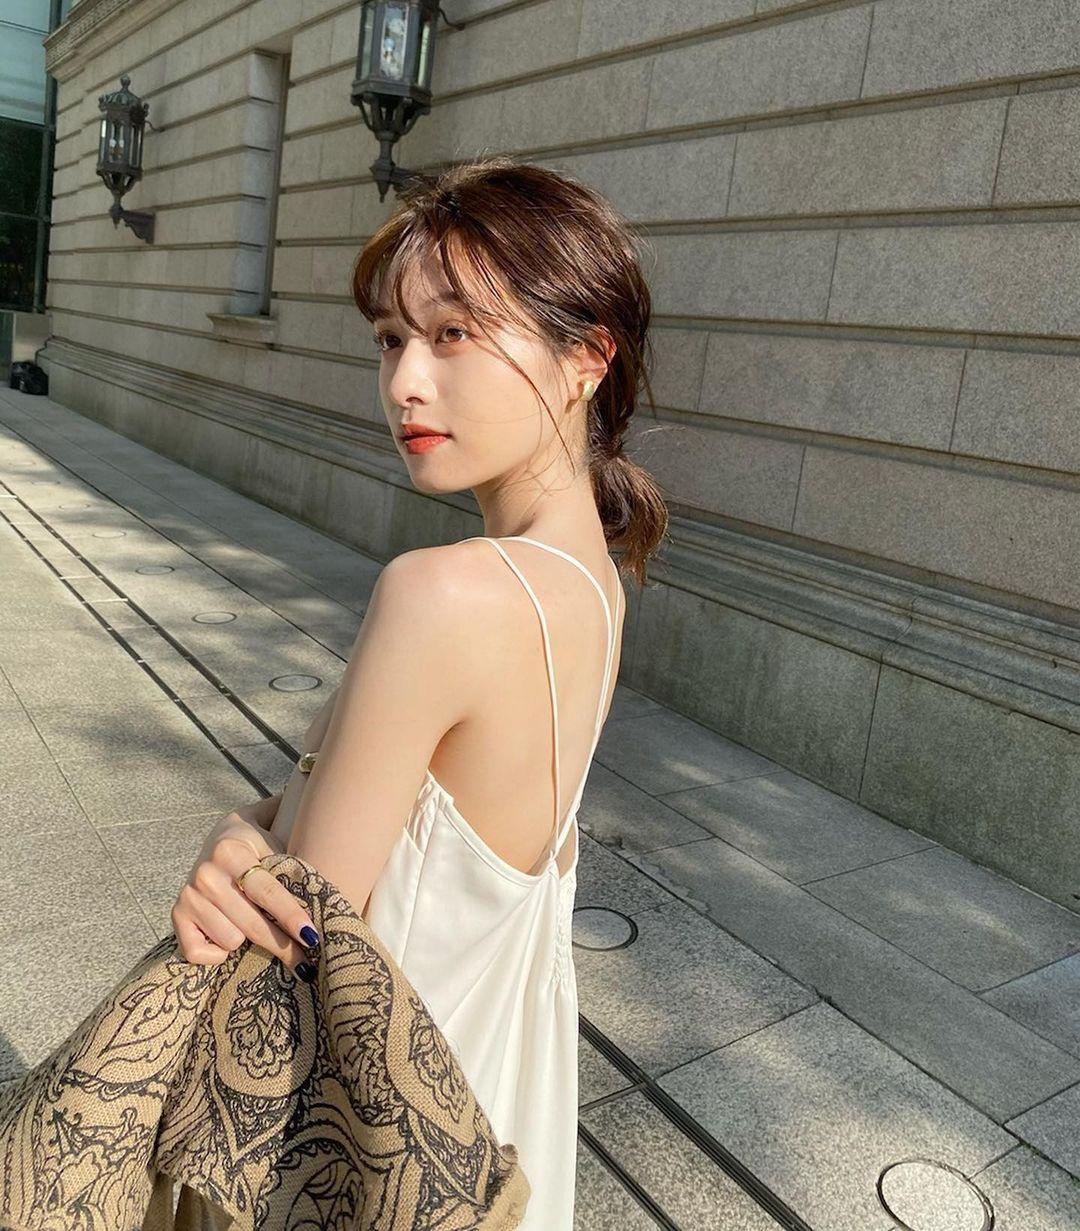 东京私立名校毕业的美女时装设计师日本妹子的清新甜美气质真的好可爱 养眼图片 第4张